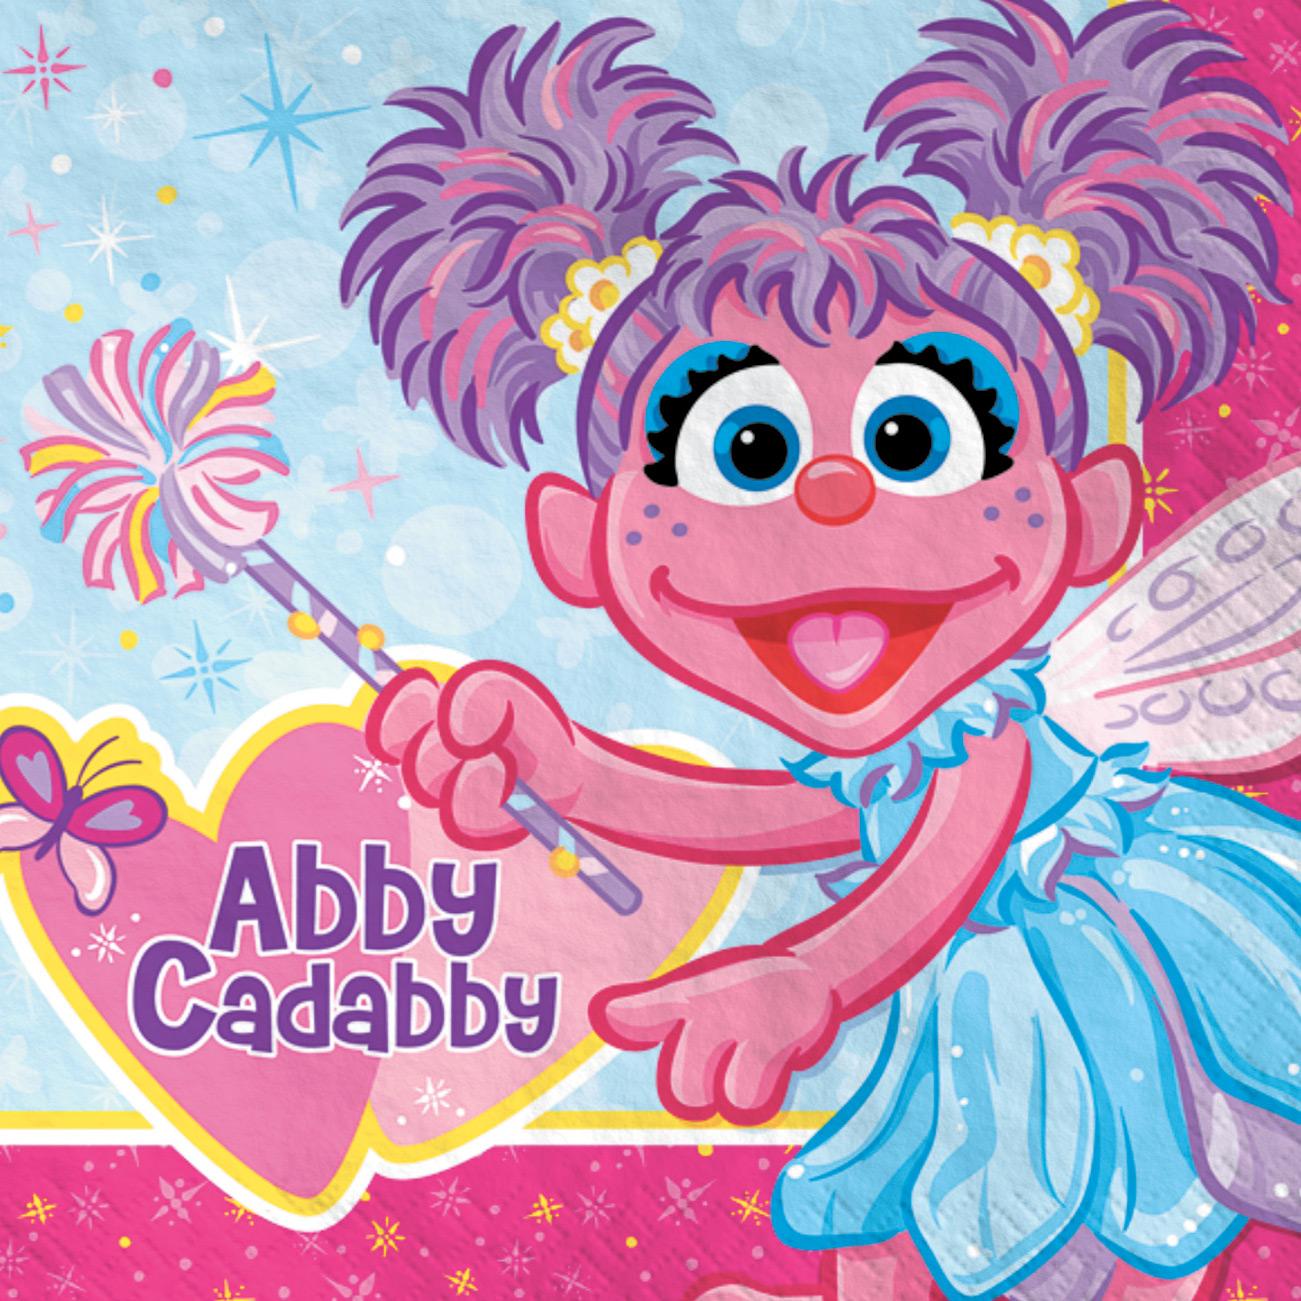 abby logo name - photo #40